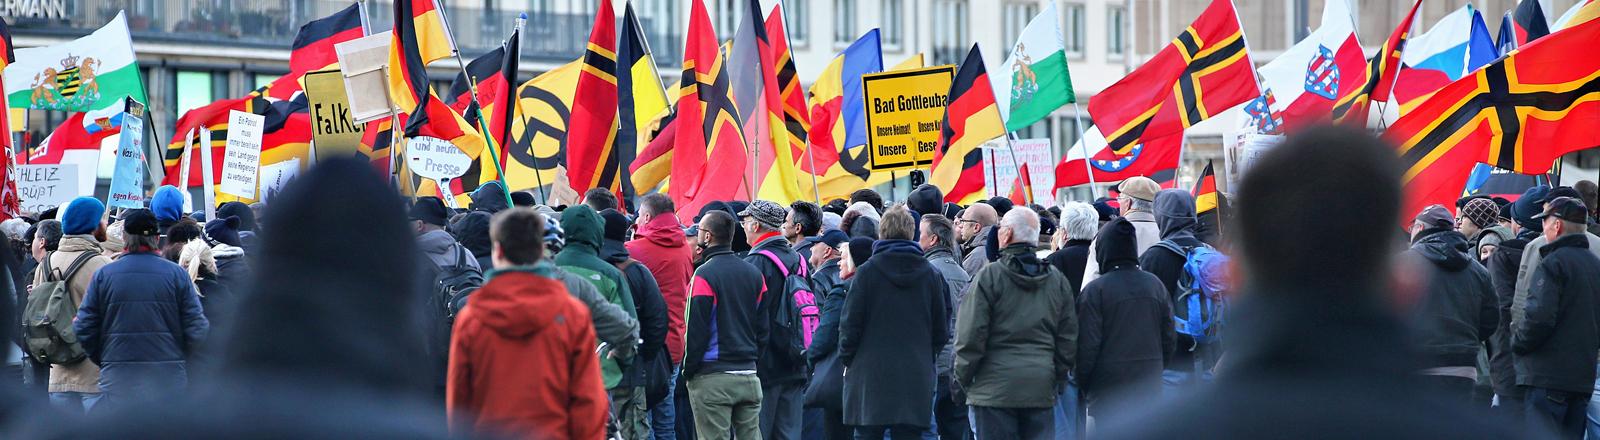 Anhänger des islamkritischen Pegida-Bündnisses demonstrieren am 23.03.2015 in Dresden.